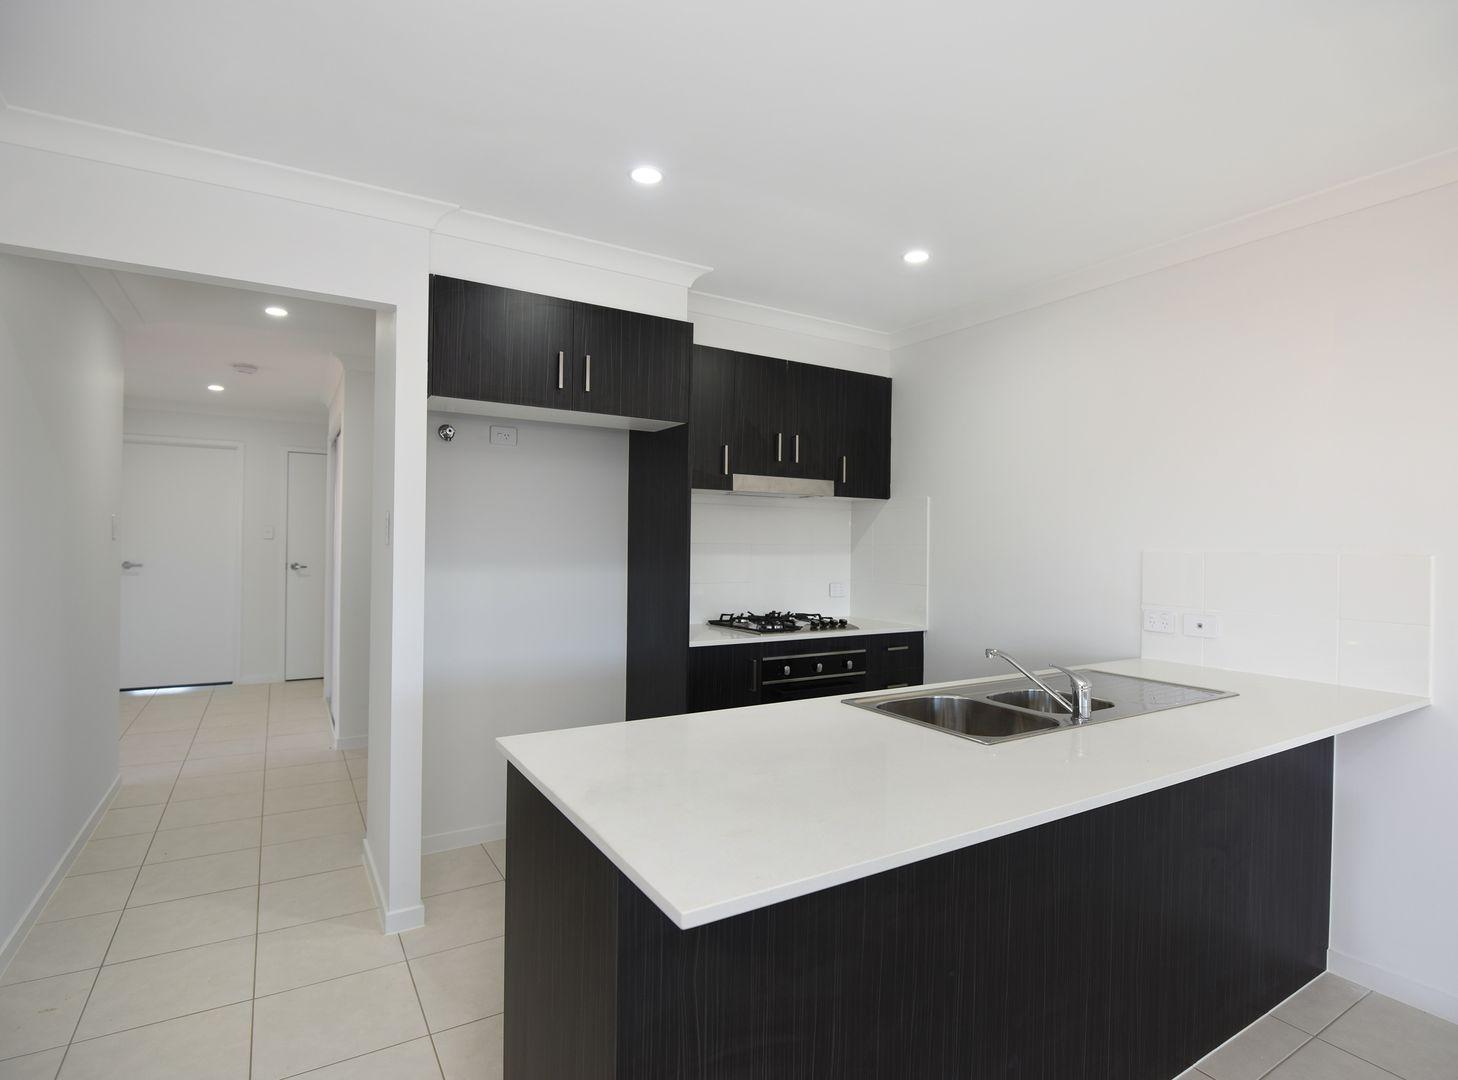 2/76 Shelby Street, Glenvale QLD 4350, Image 1